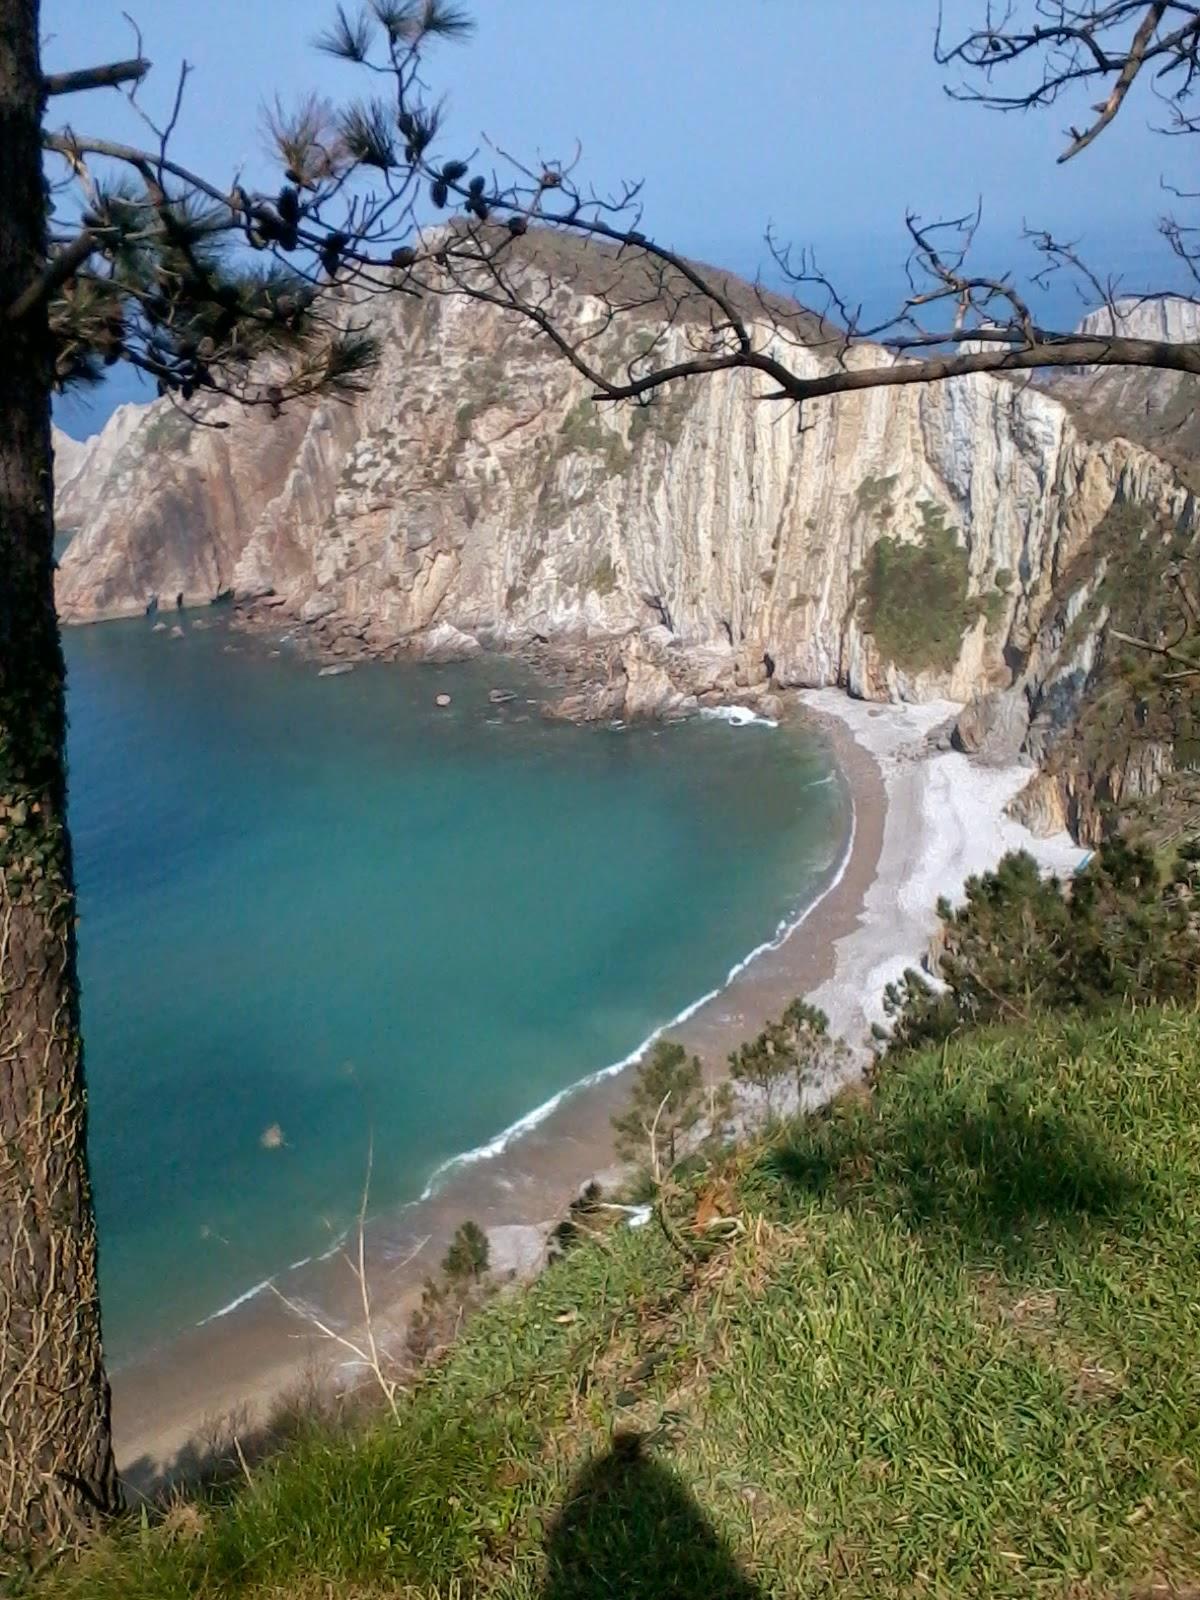 playa silencio asturias cudillero beach spain